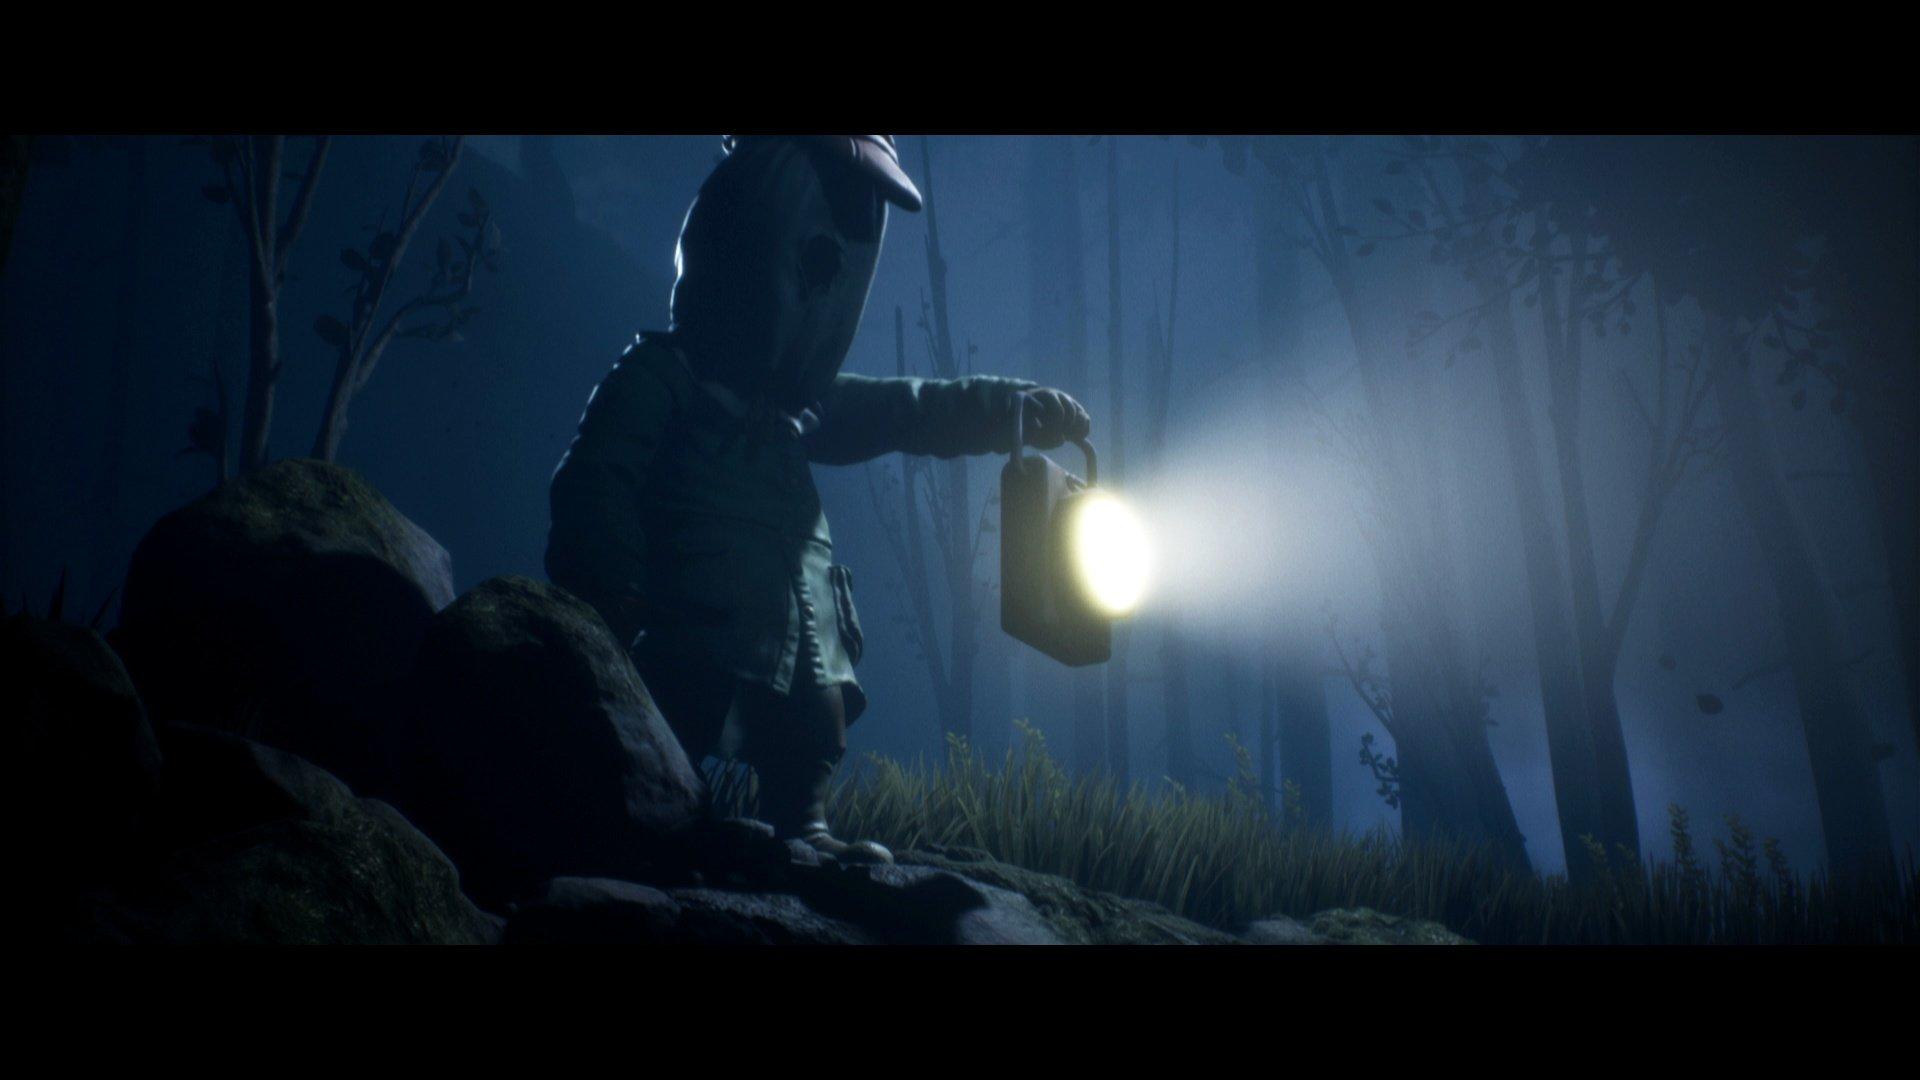 Скриншот к игре Little Nightmares II - Deluxe Edition v.5.7 [GOG] (2021) скачать торрент Лицензия